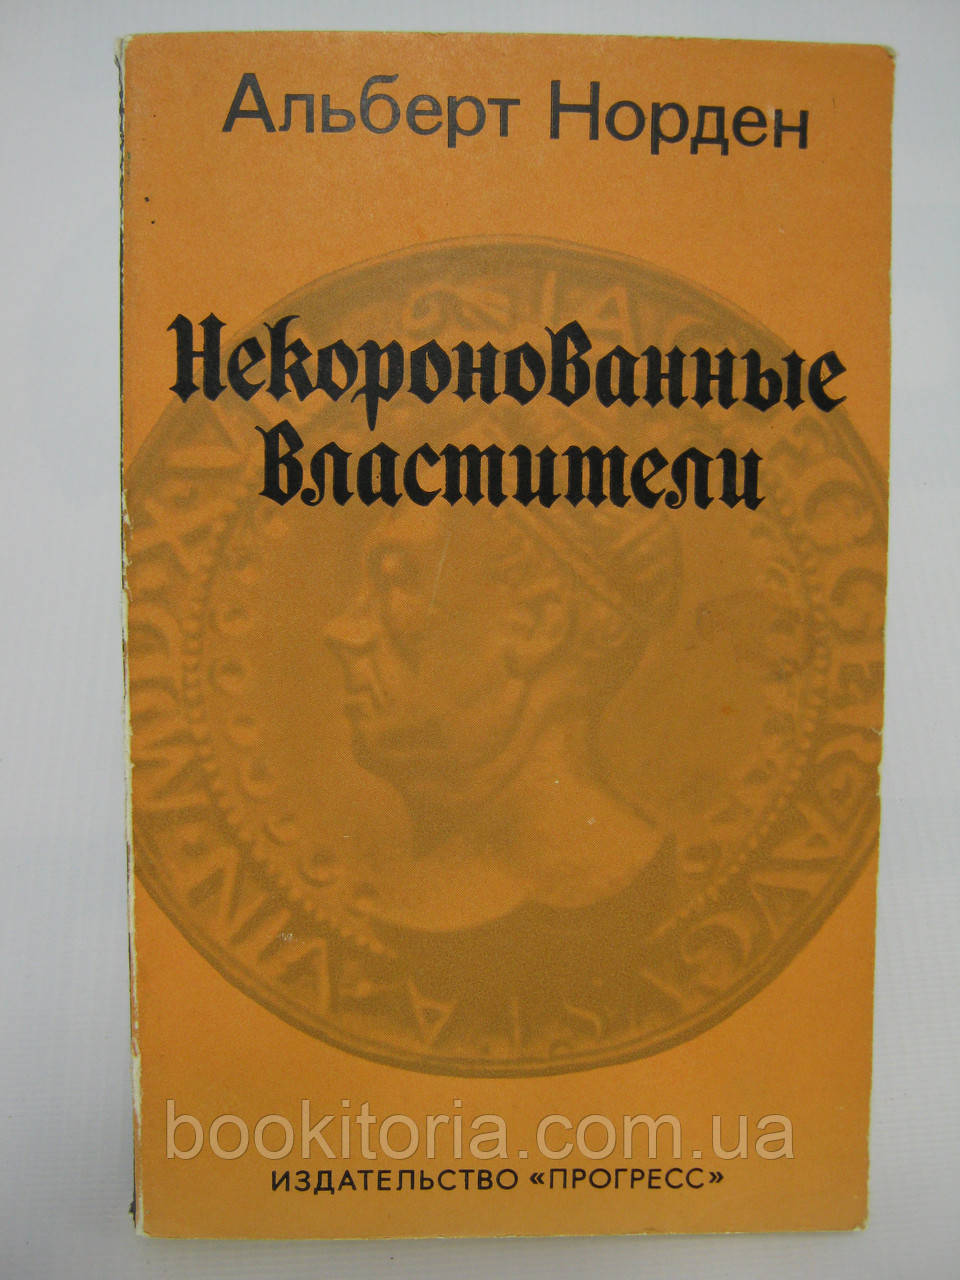 Норден А. Некоронованные властители (б/у).